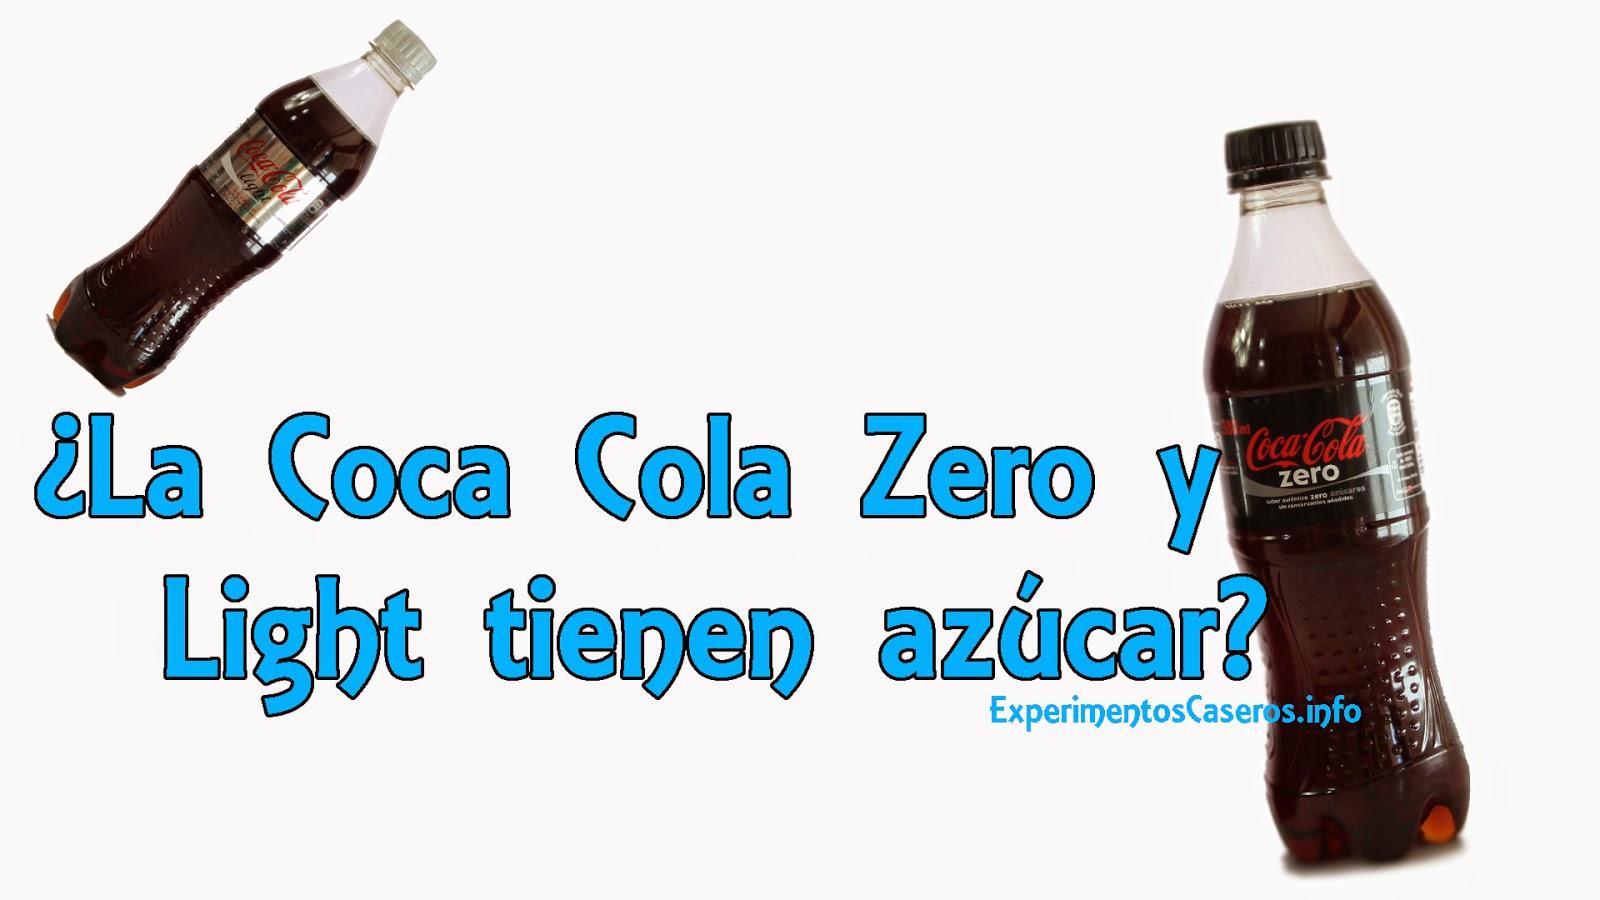 experimento, mito, coca cola, light, zero, azucar